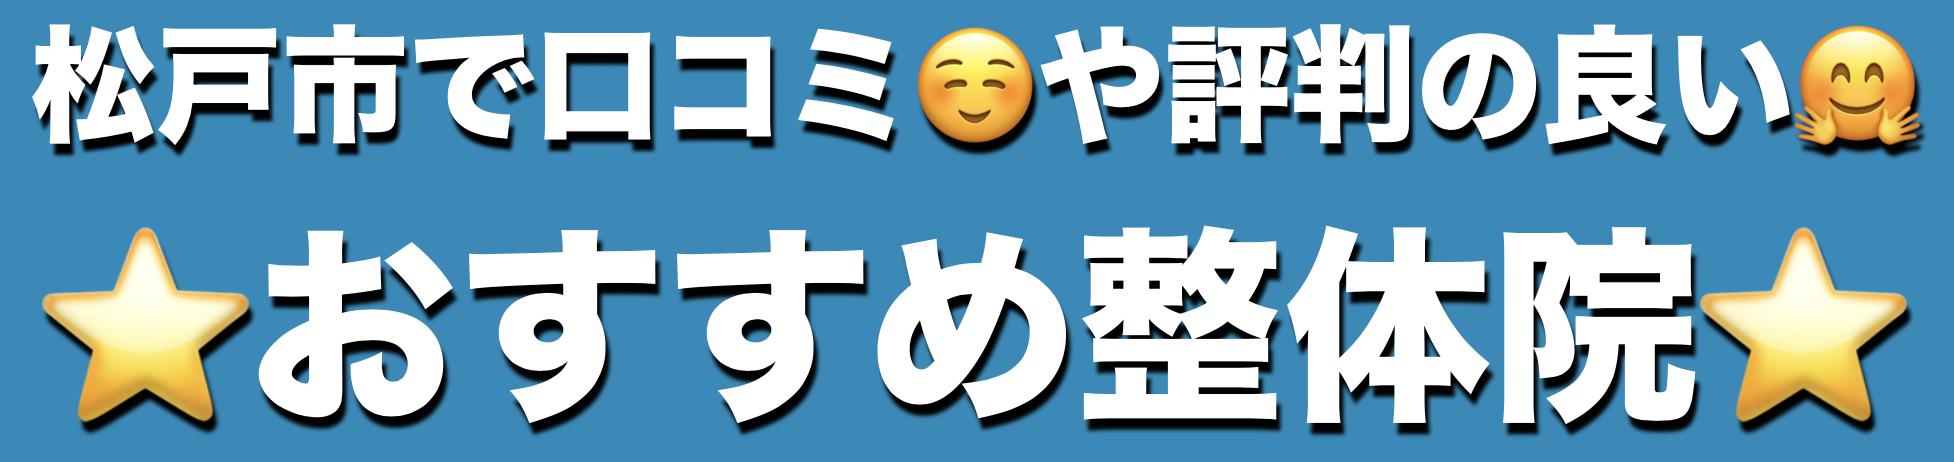 松戸市で口コミや評判の良いおすすめの整体院といえば『松戸整体院』